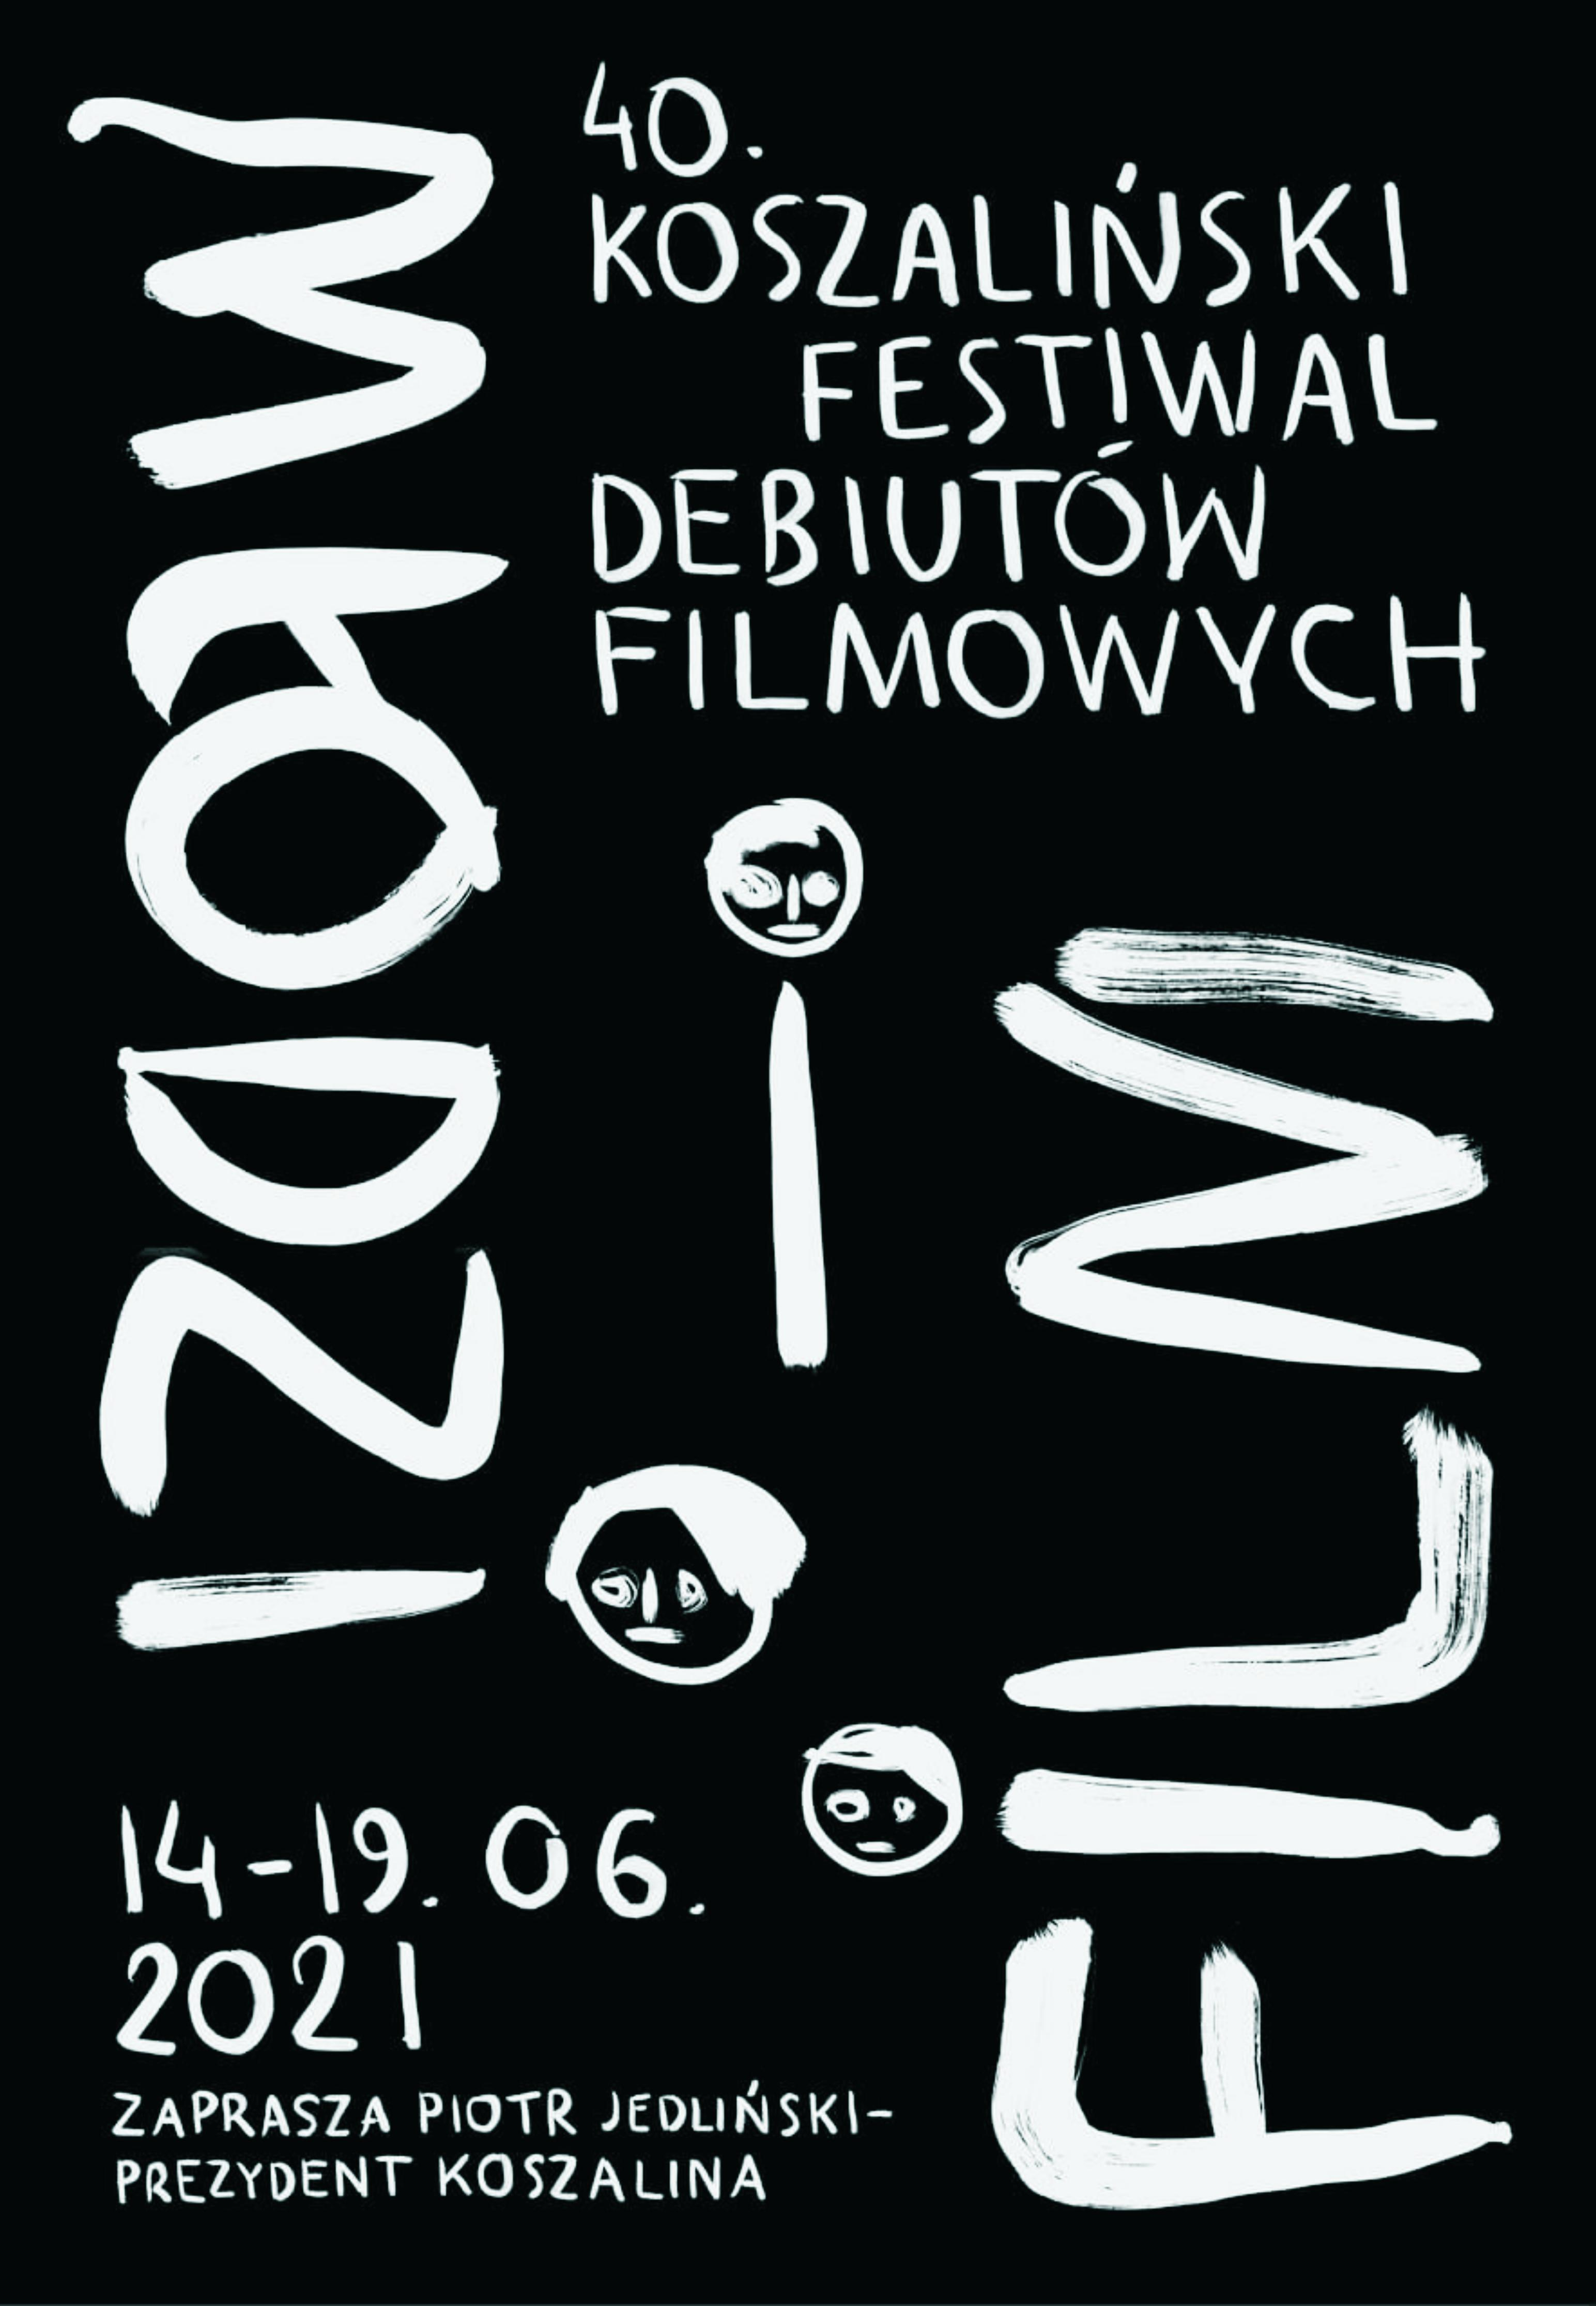 40. Koszaliński Festiwal Debiutów Filmowych Młodzi i Film: Konkurs krótkometrażowy blok VIII